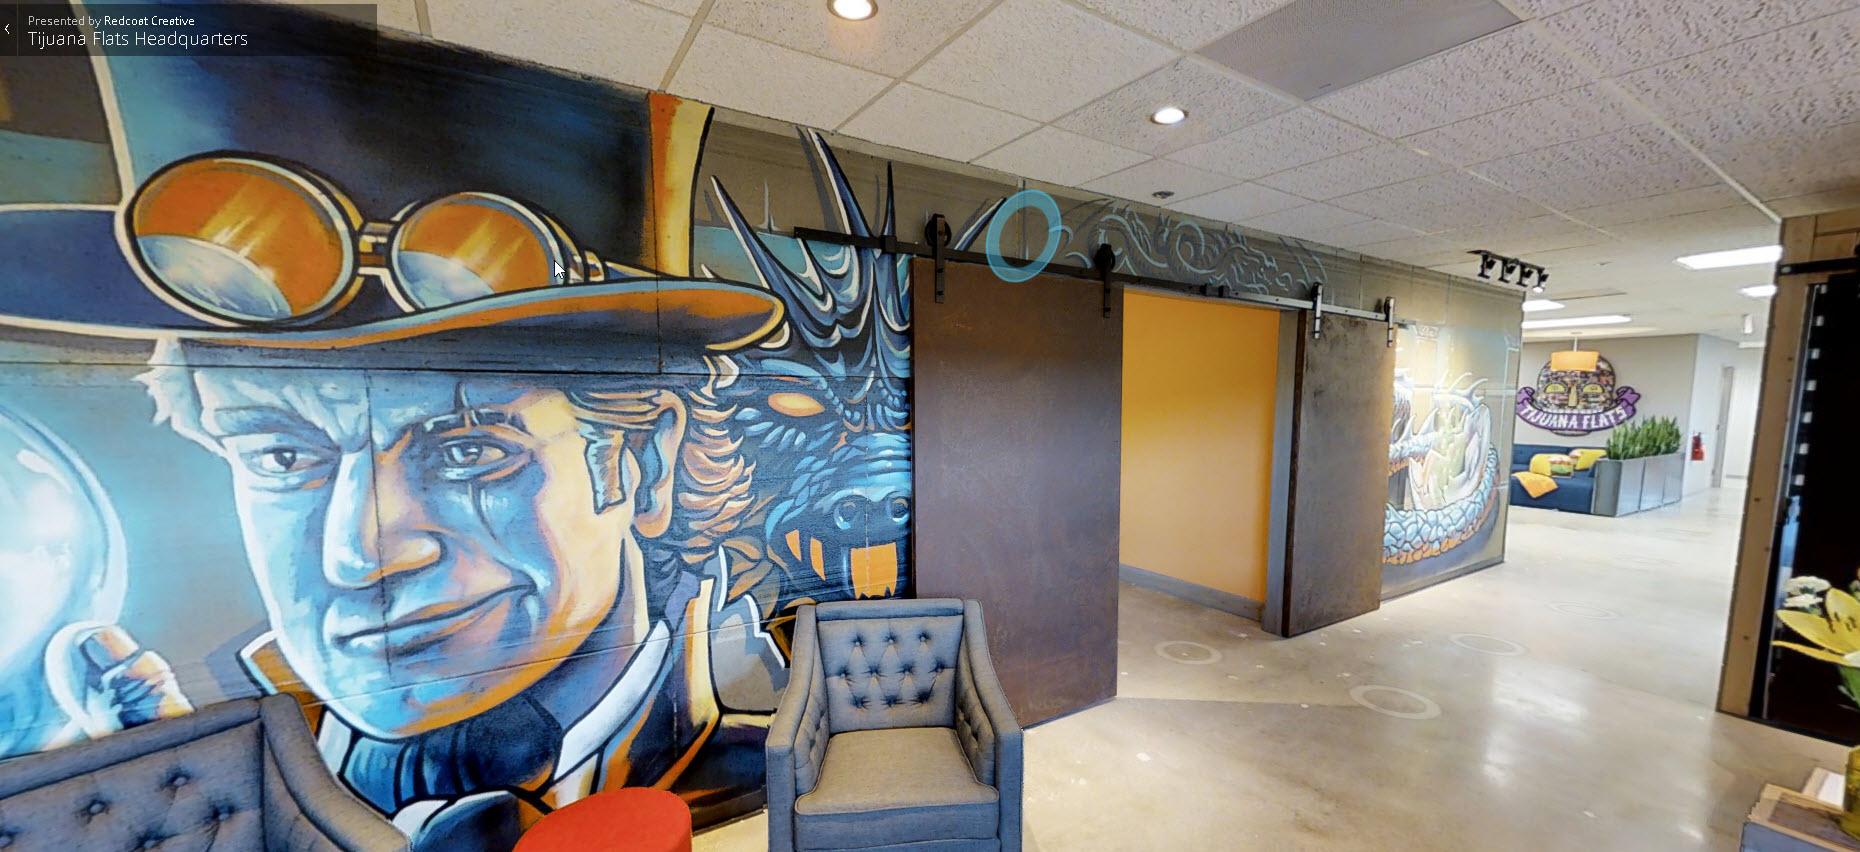 tflats office 1.jpg